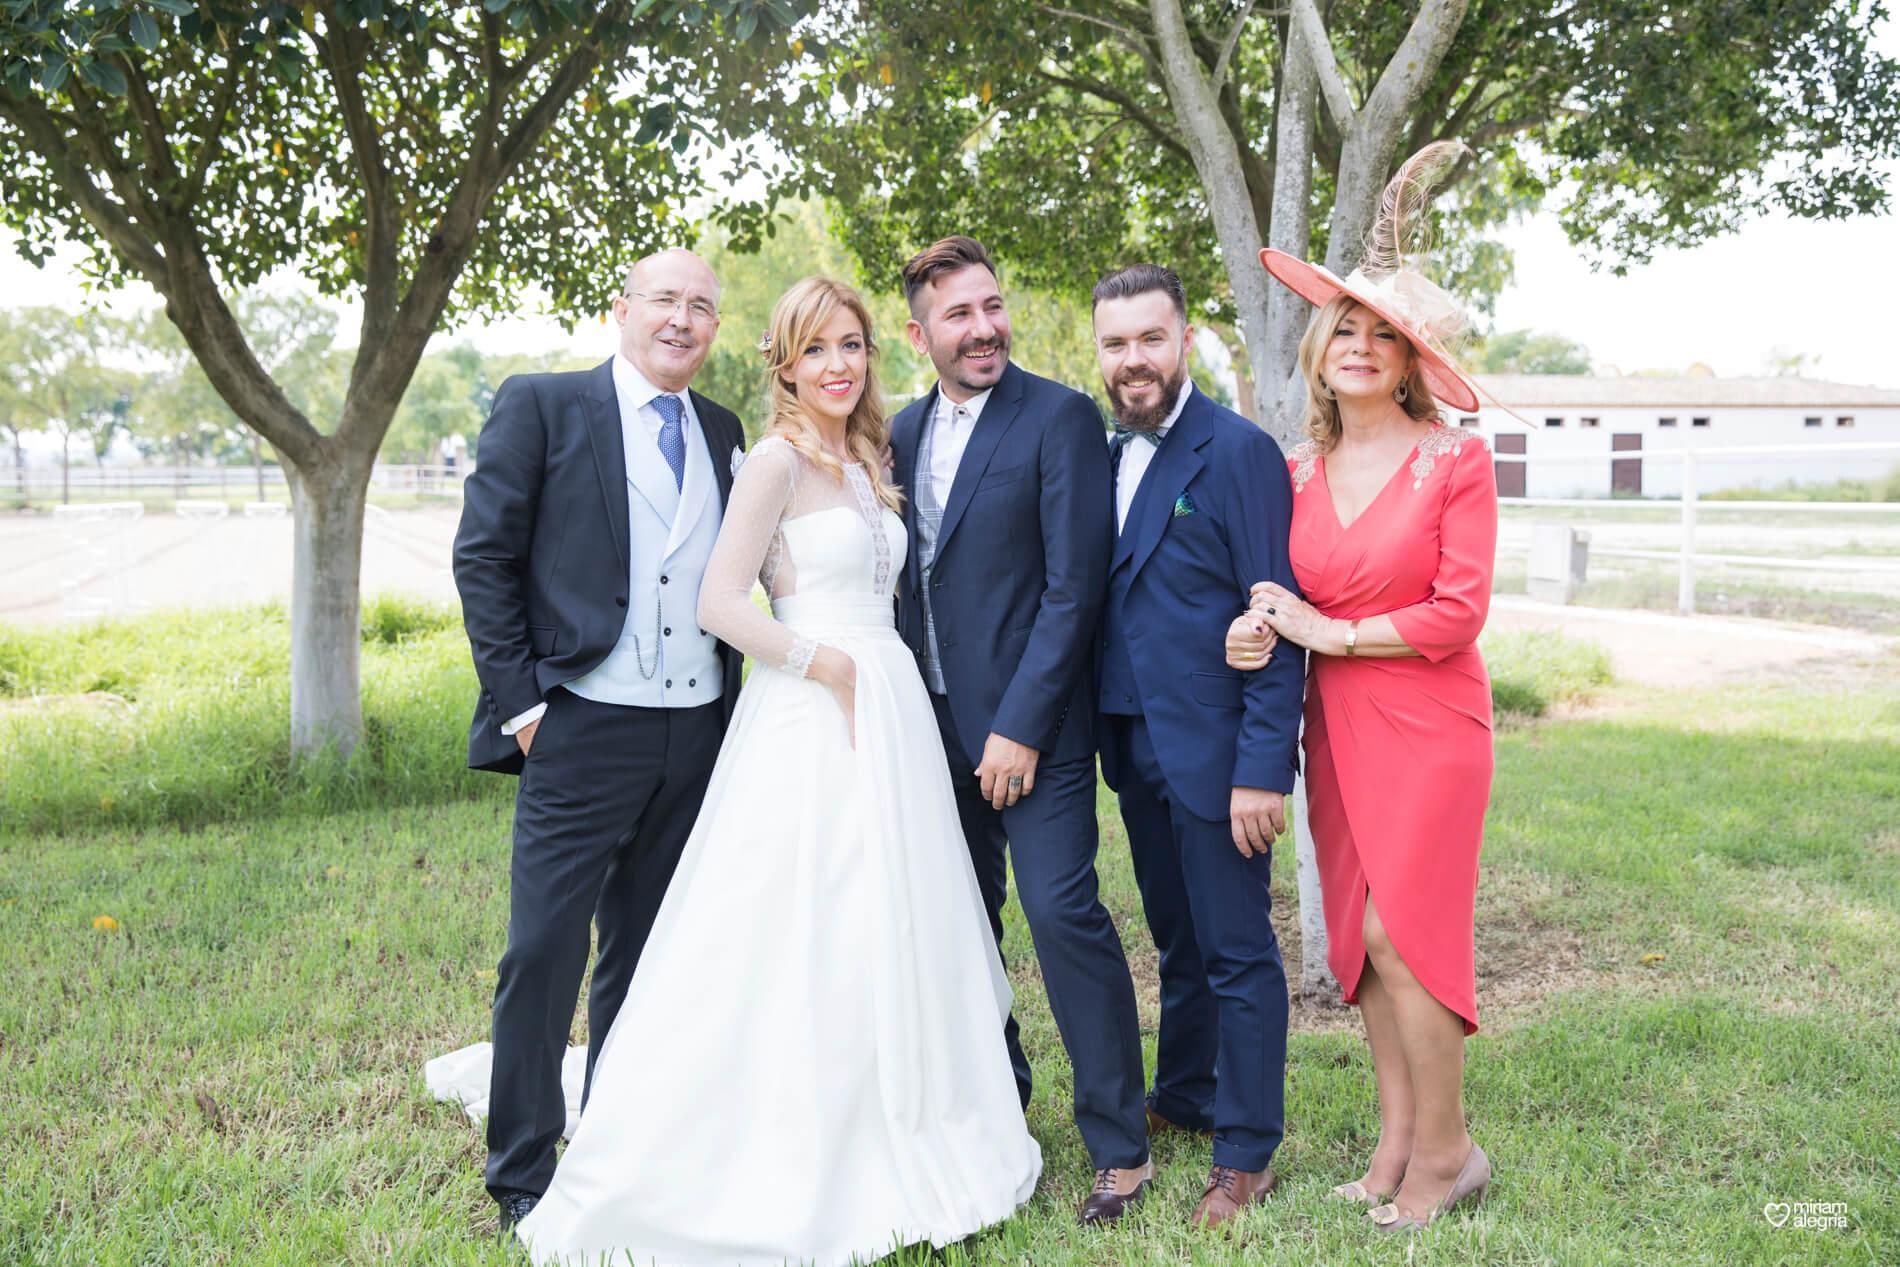 boda-en-finca-villa-vera-de-alemc7-miriam-alegria-fotografos-boda-murcia-137